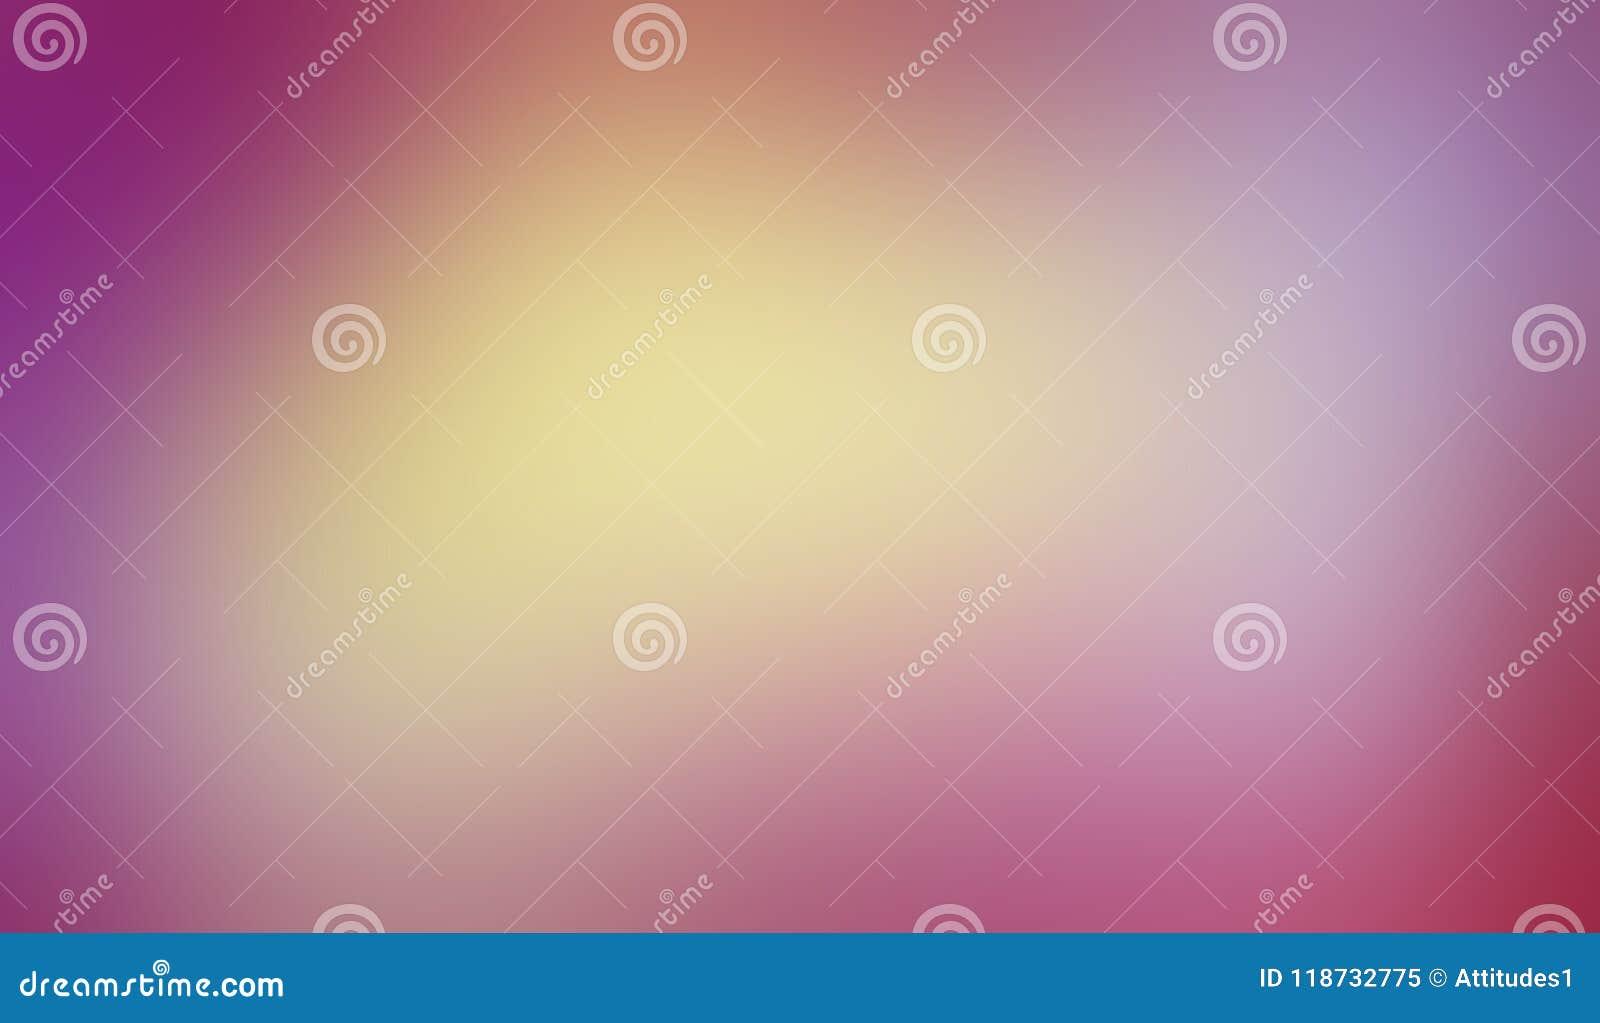 与光滑的被弄脏的纹理的五颜六色的背景在凉快的软性混和了桃红色紫色金银铜合金和蓝色的颜色在充满活力的柔和的淡色彩